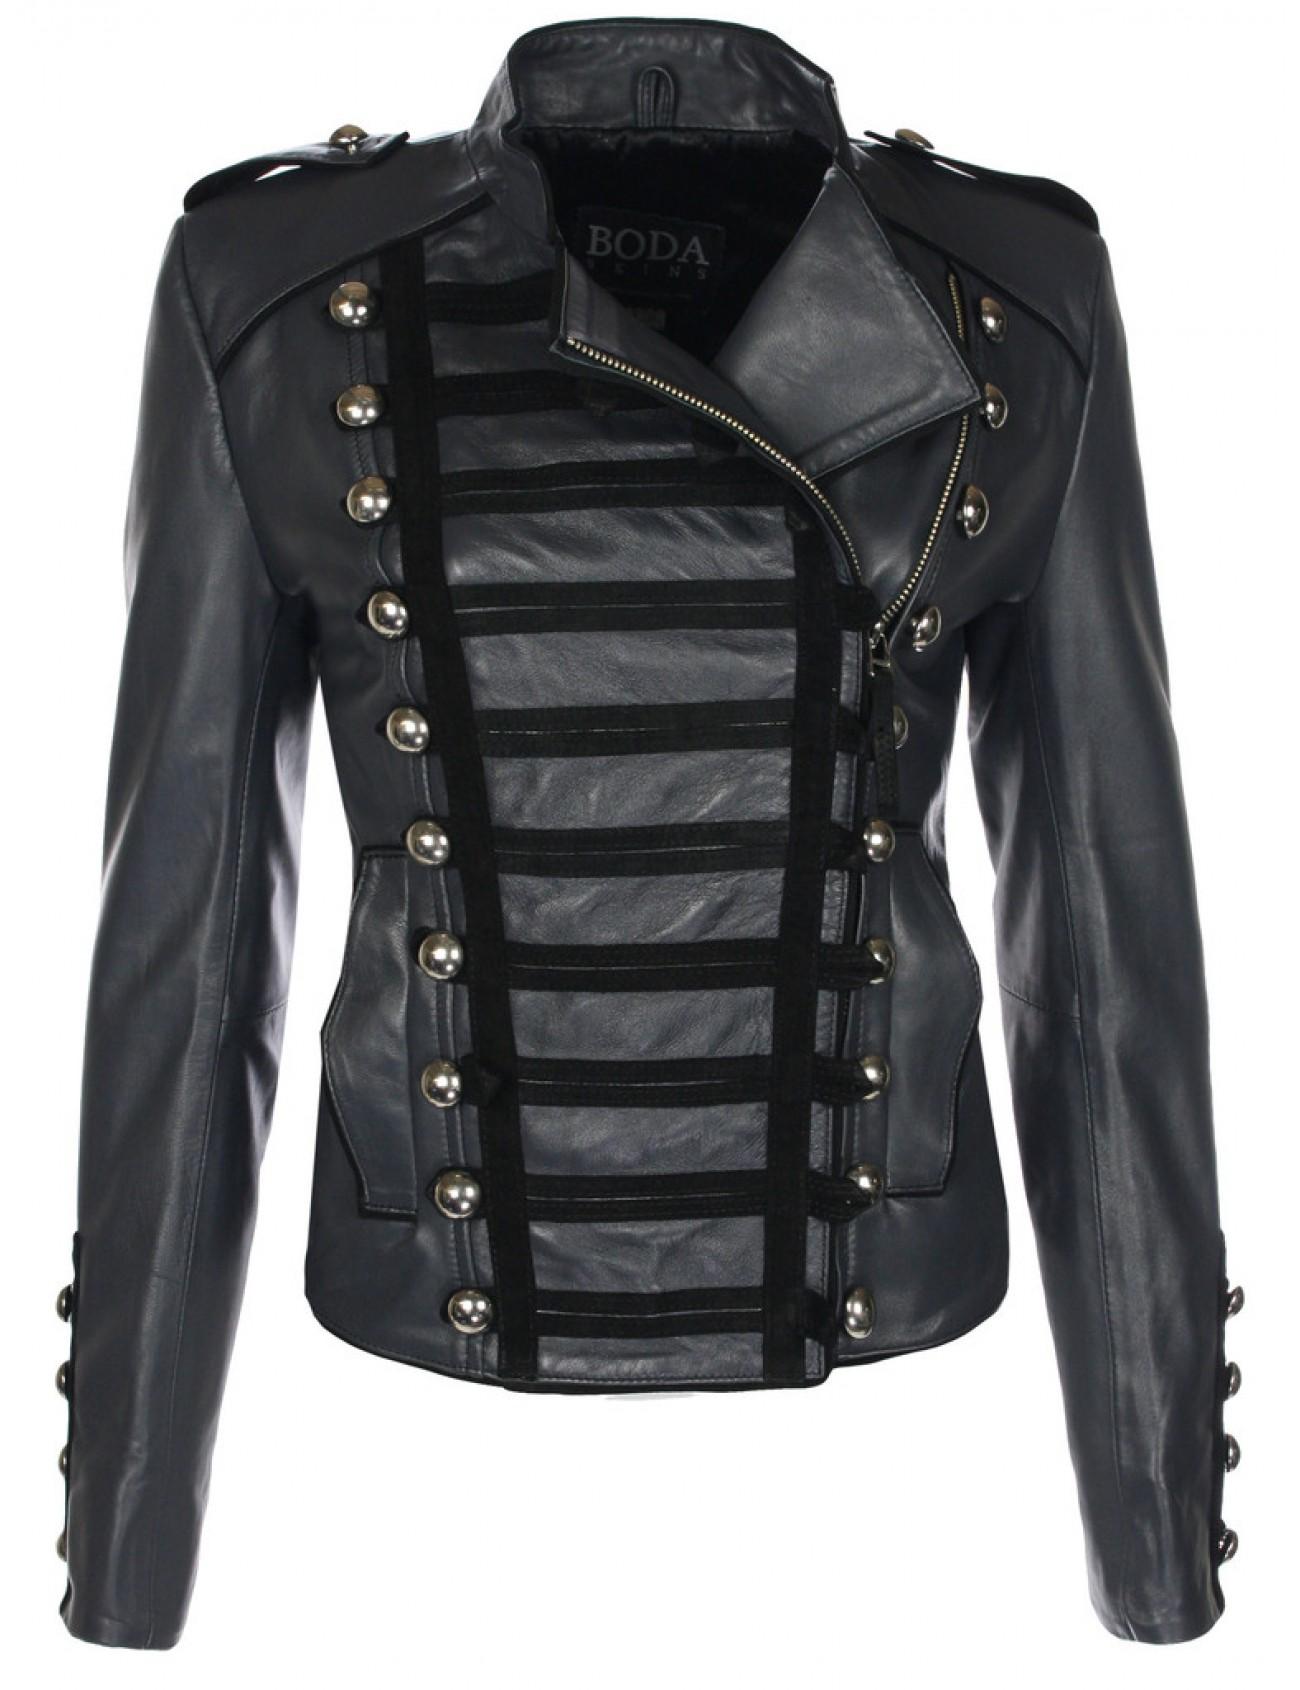 Napoleon Charcoal Grey Leather Military Jacket - Boda Skins